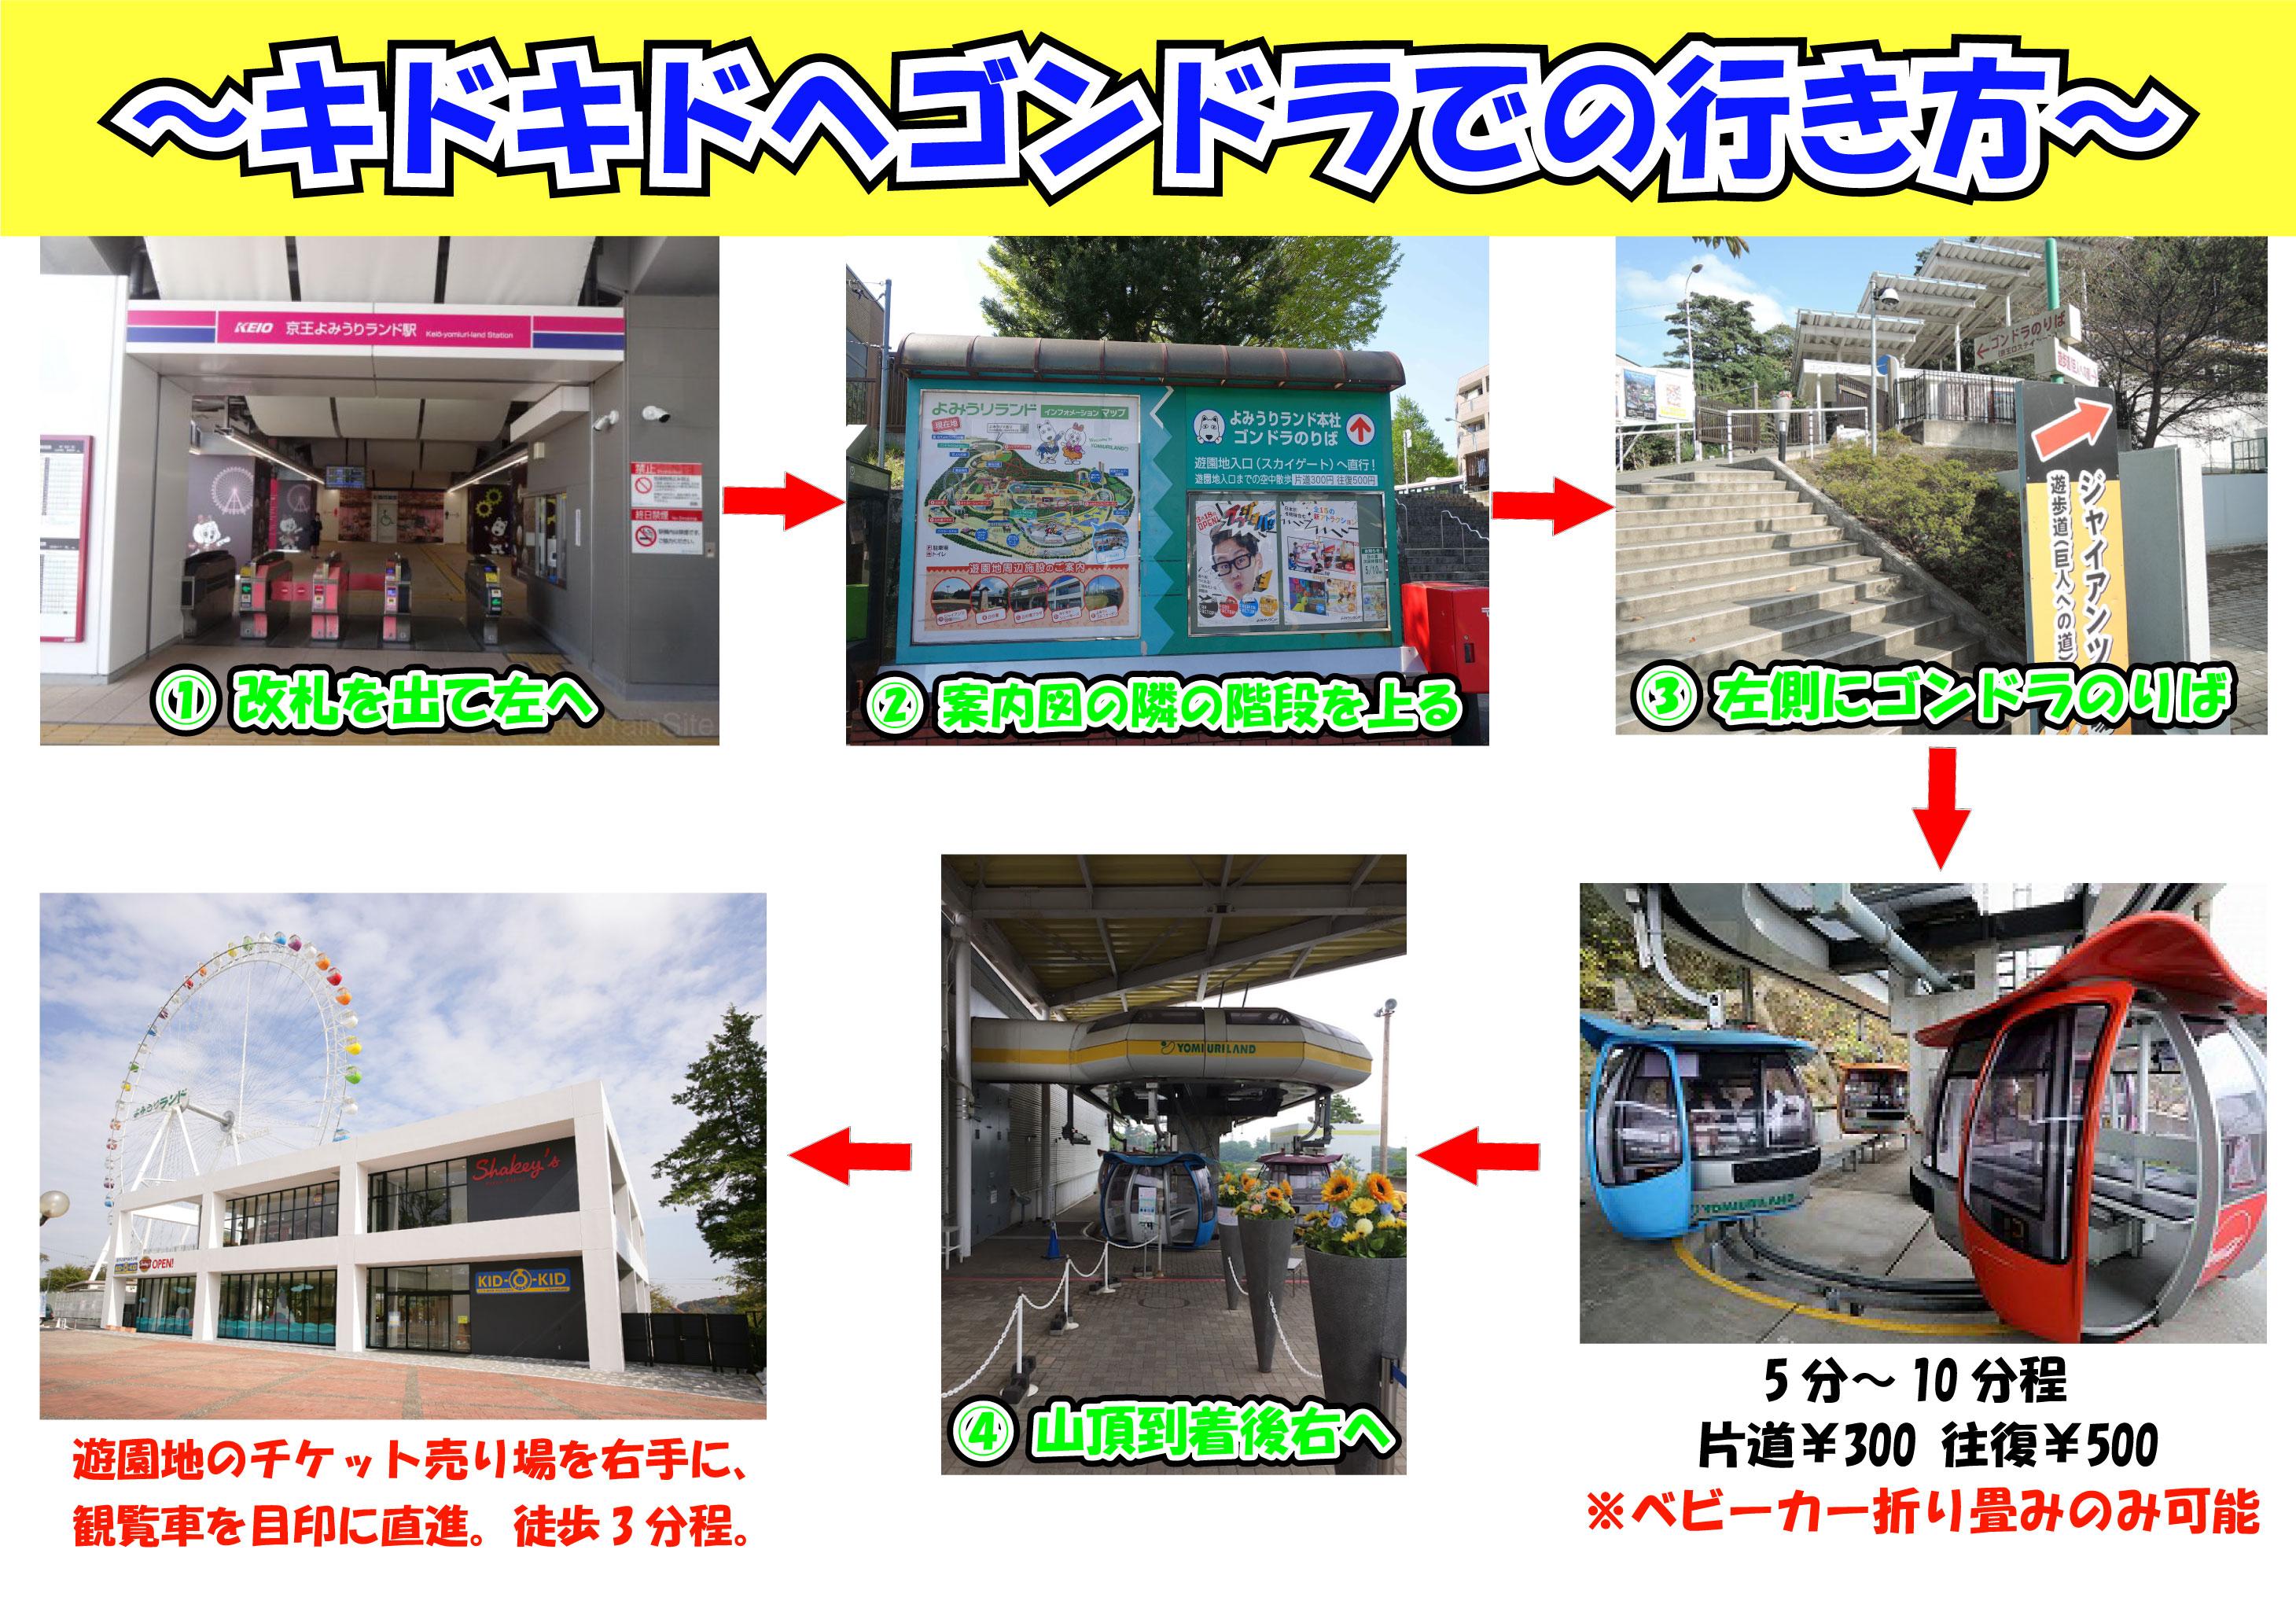 京王よみうりランド駅 ゴンドラ行き方マップ